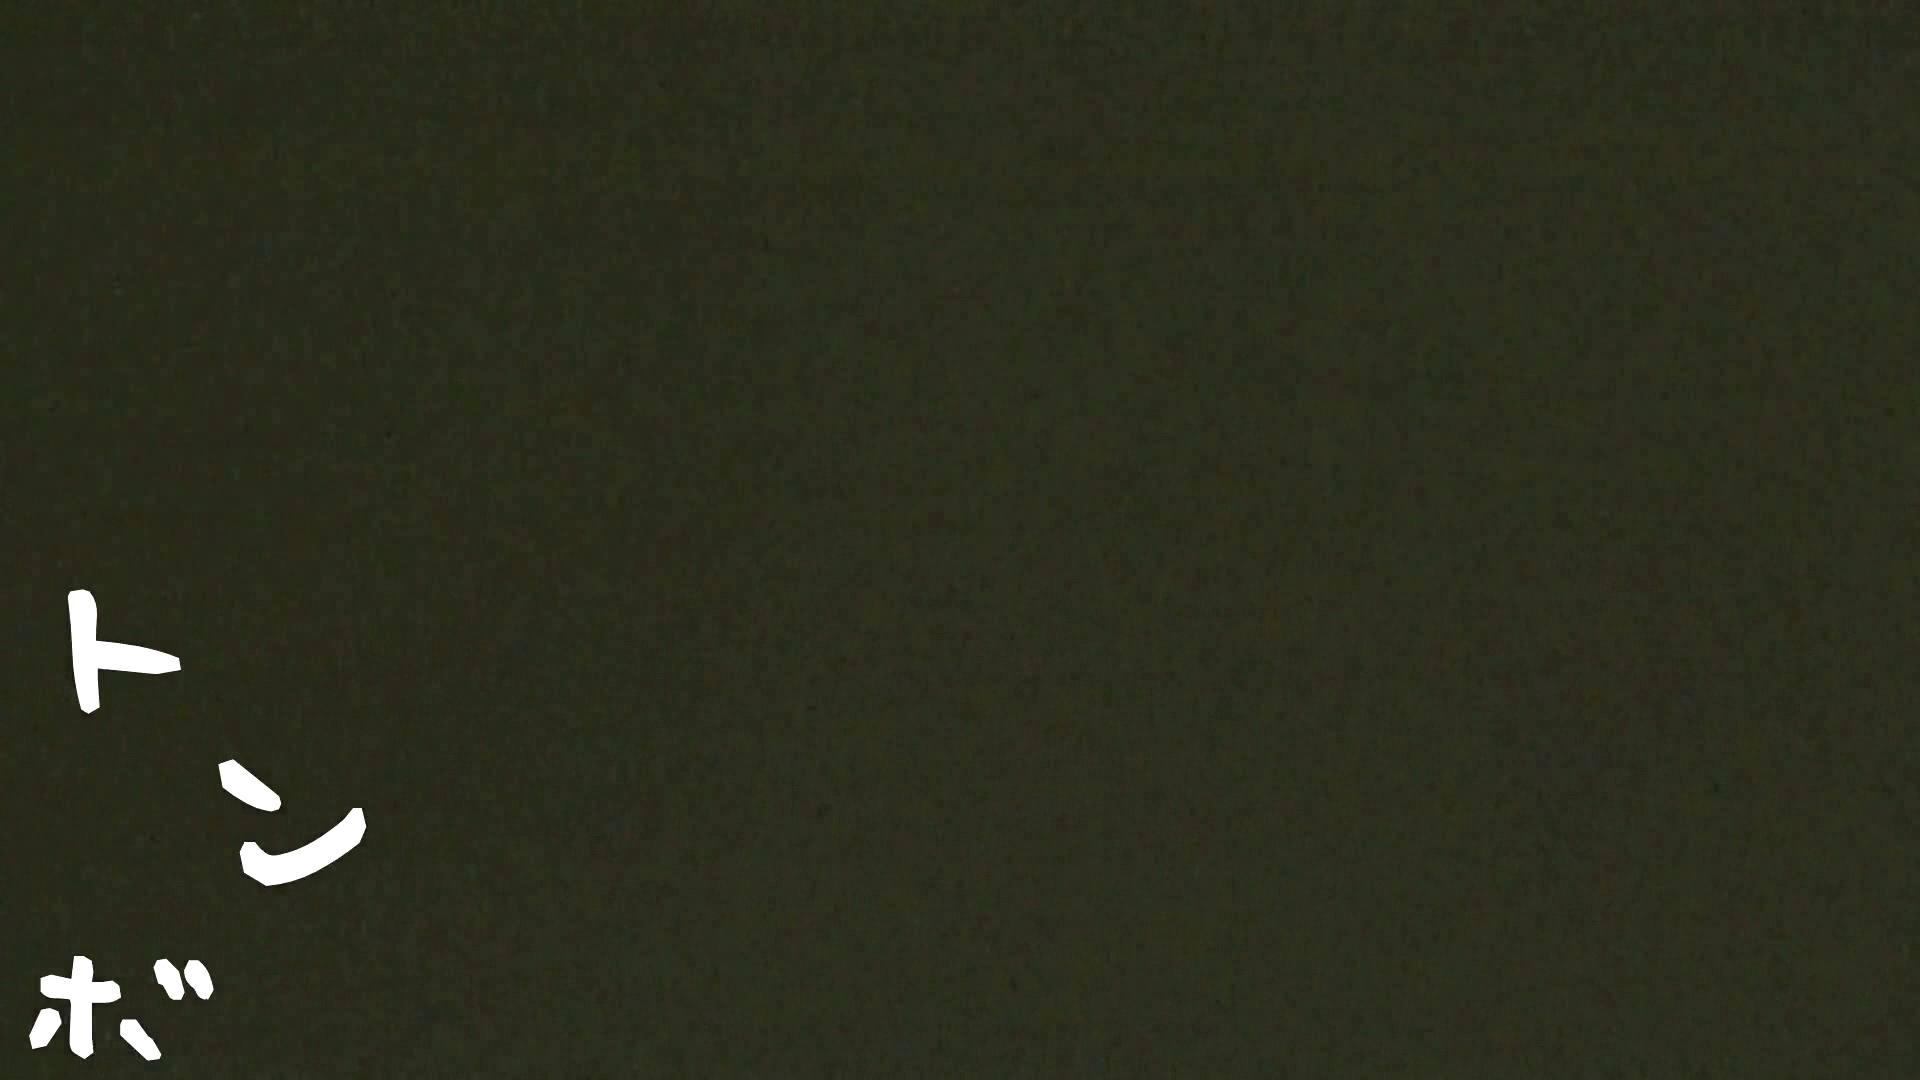 リアル盗撮 清楚なお女市さんのマル秘私生活① 高画質 AV無料 79枚 16